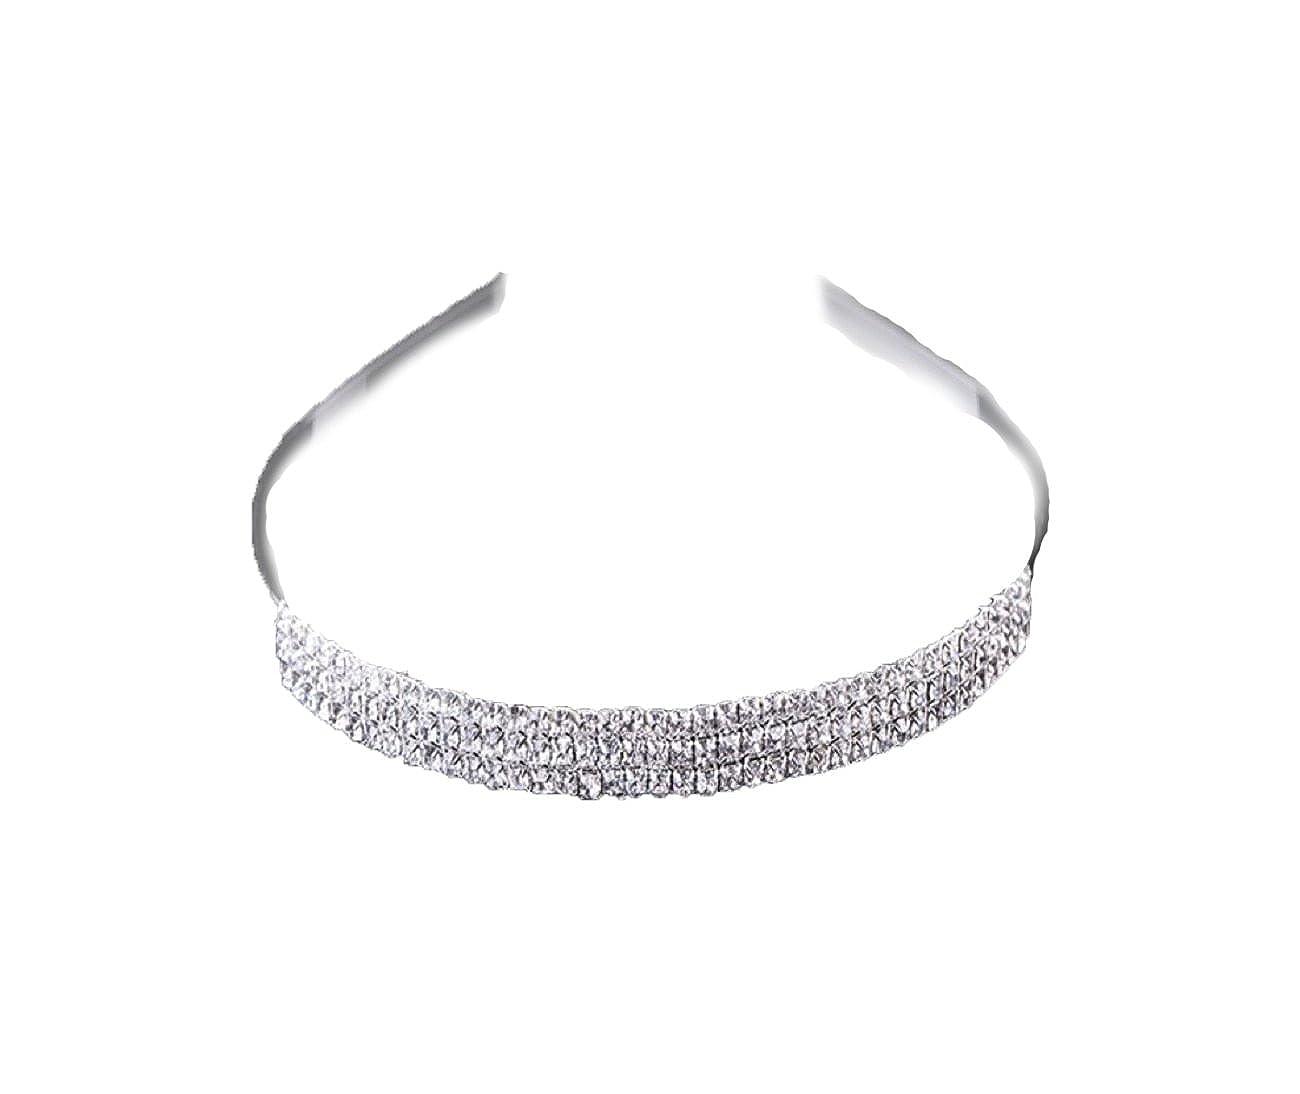 Diadème Tiara argent bijoux cheveux diadème Couronne de Strass Mariée Mariage Pneu Noname Diadem